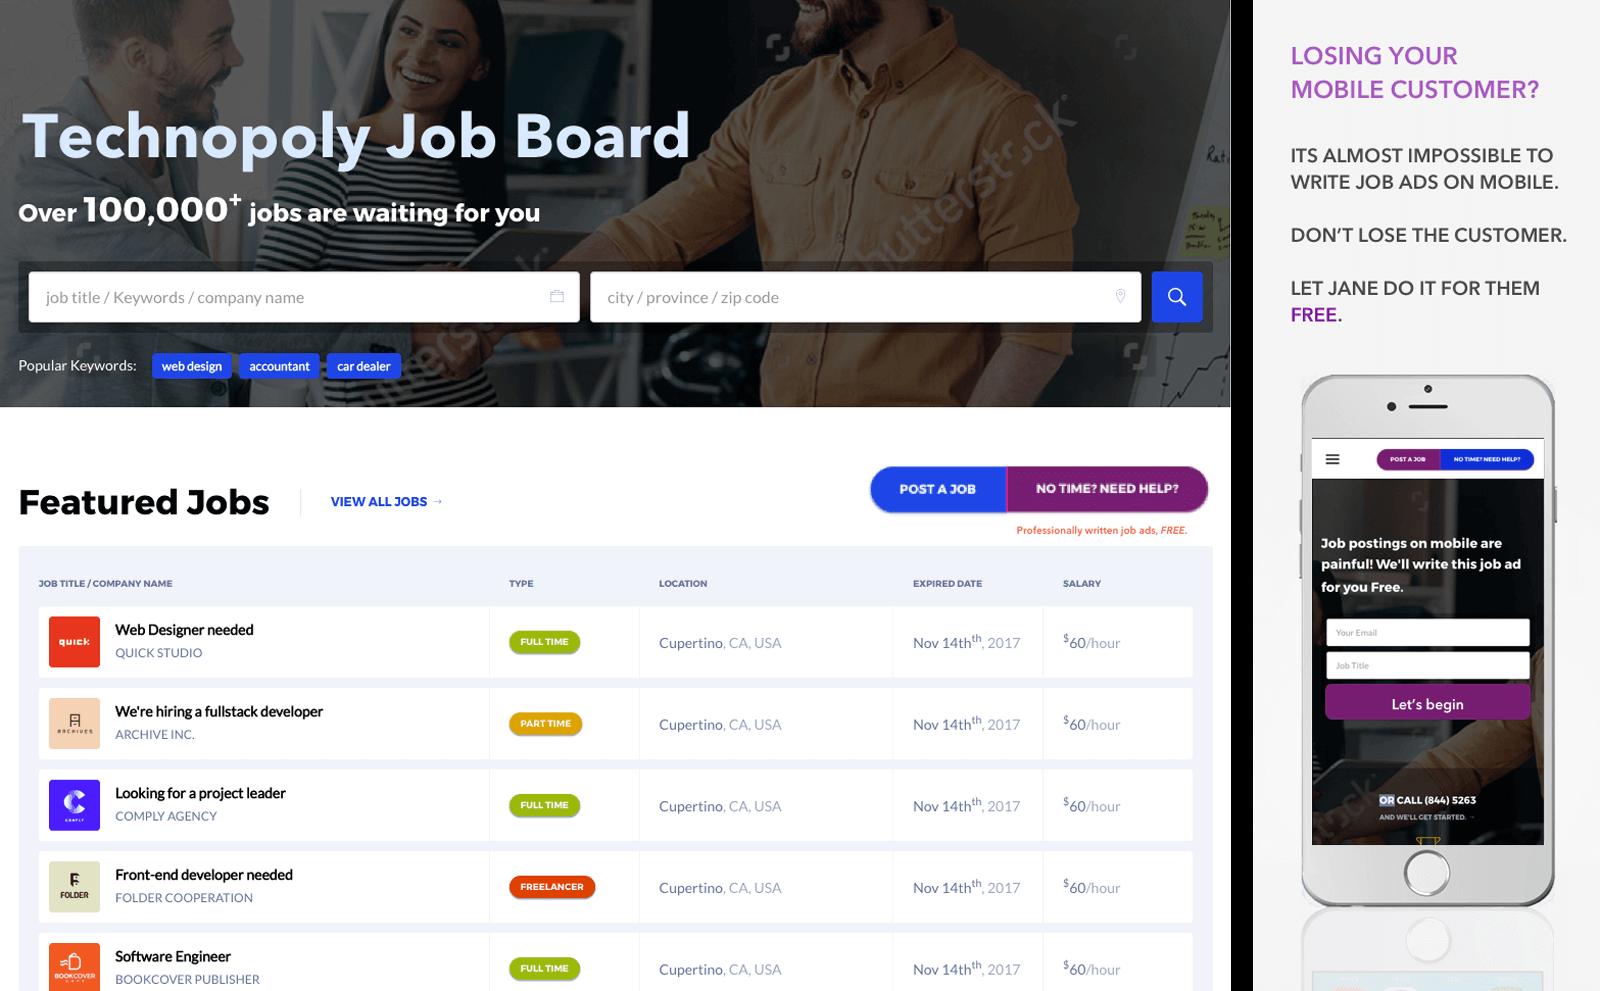 JobBoardPro